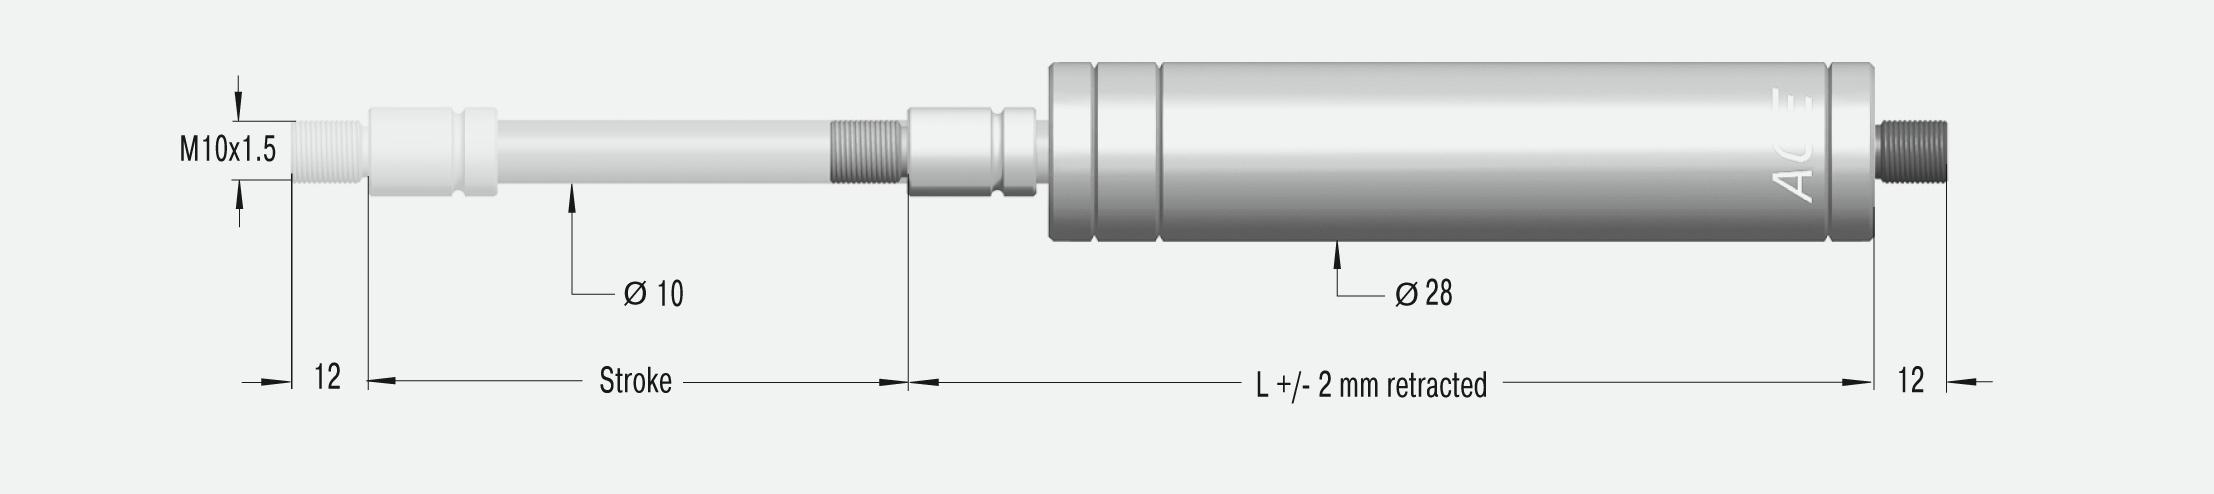 GZ-28-250-V4A